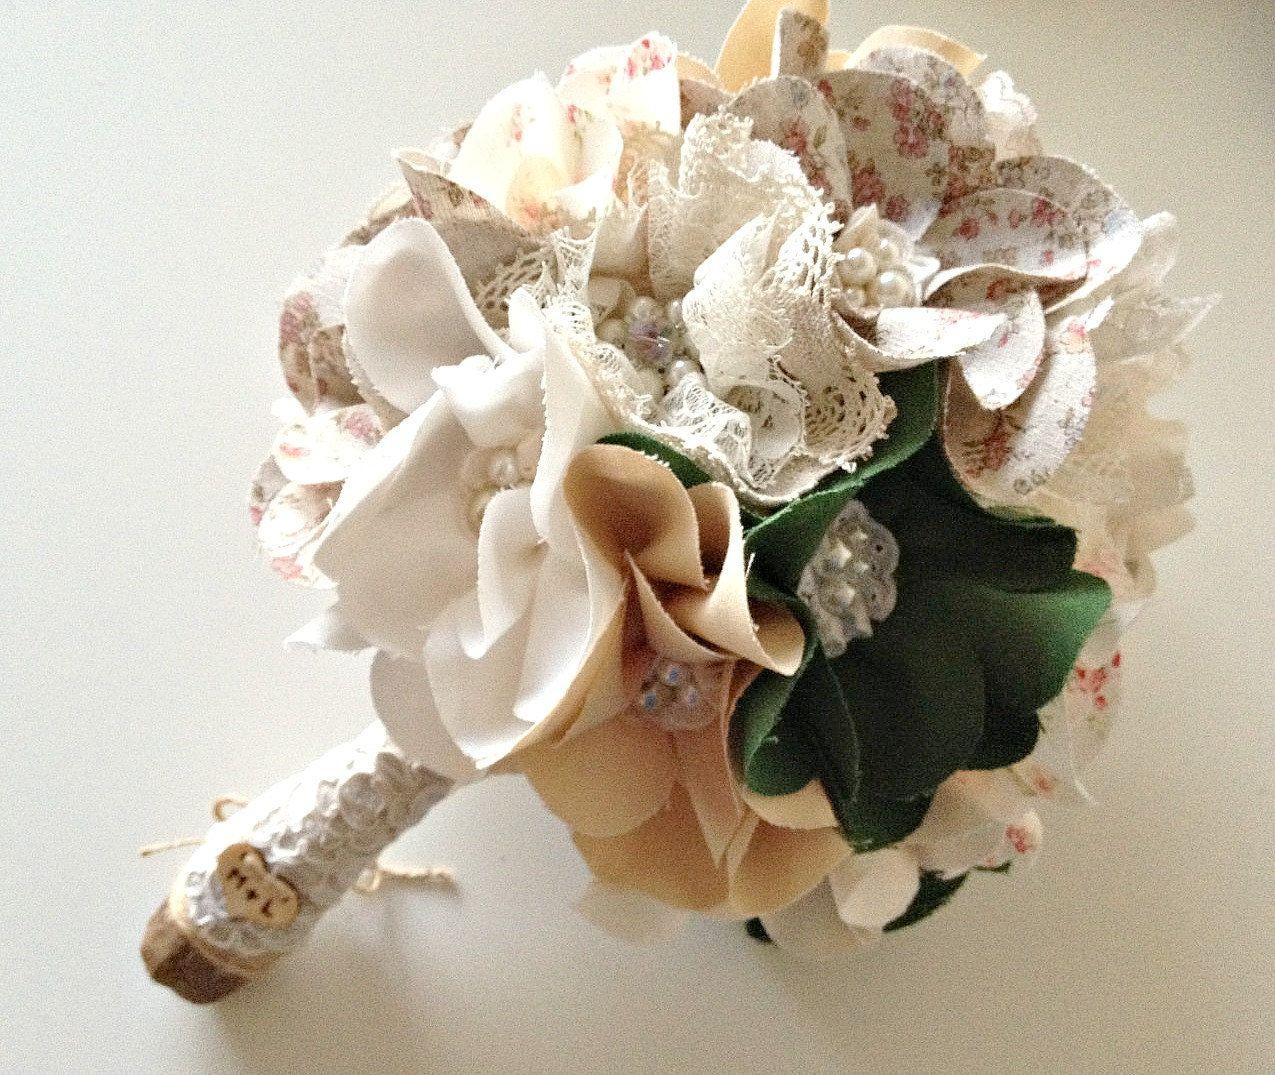 Fabric floral bouquet fabric flower bouquet shabby chic weddings fabric floral bouquet fabric flower bouquet shabby chic weddings handmade wedding bouquet izmirmasajfo